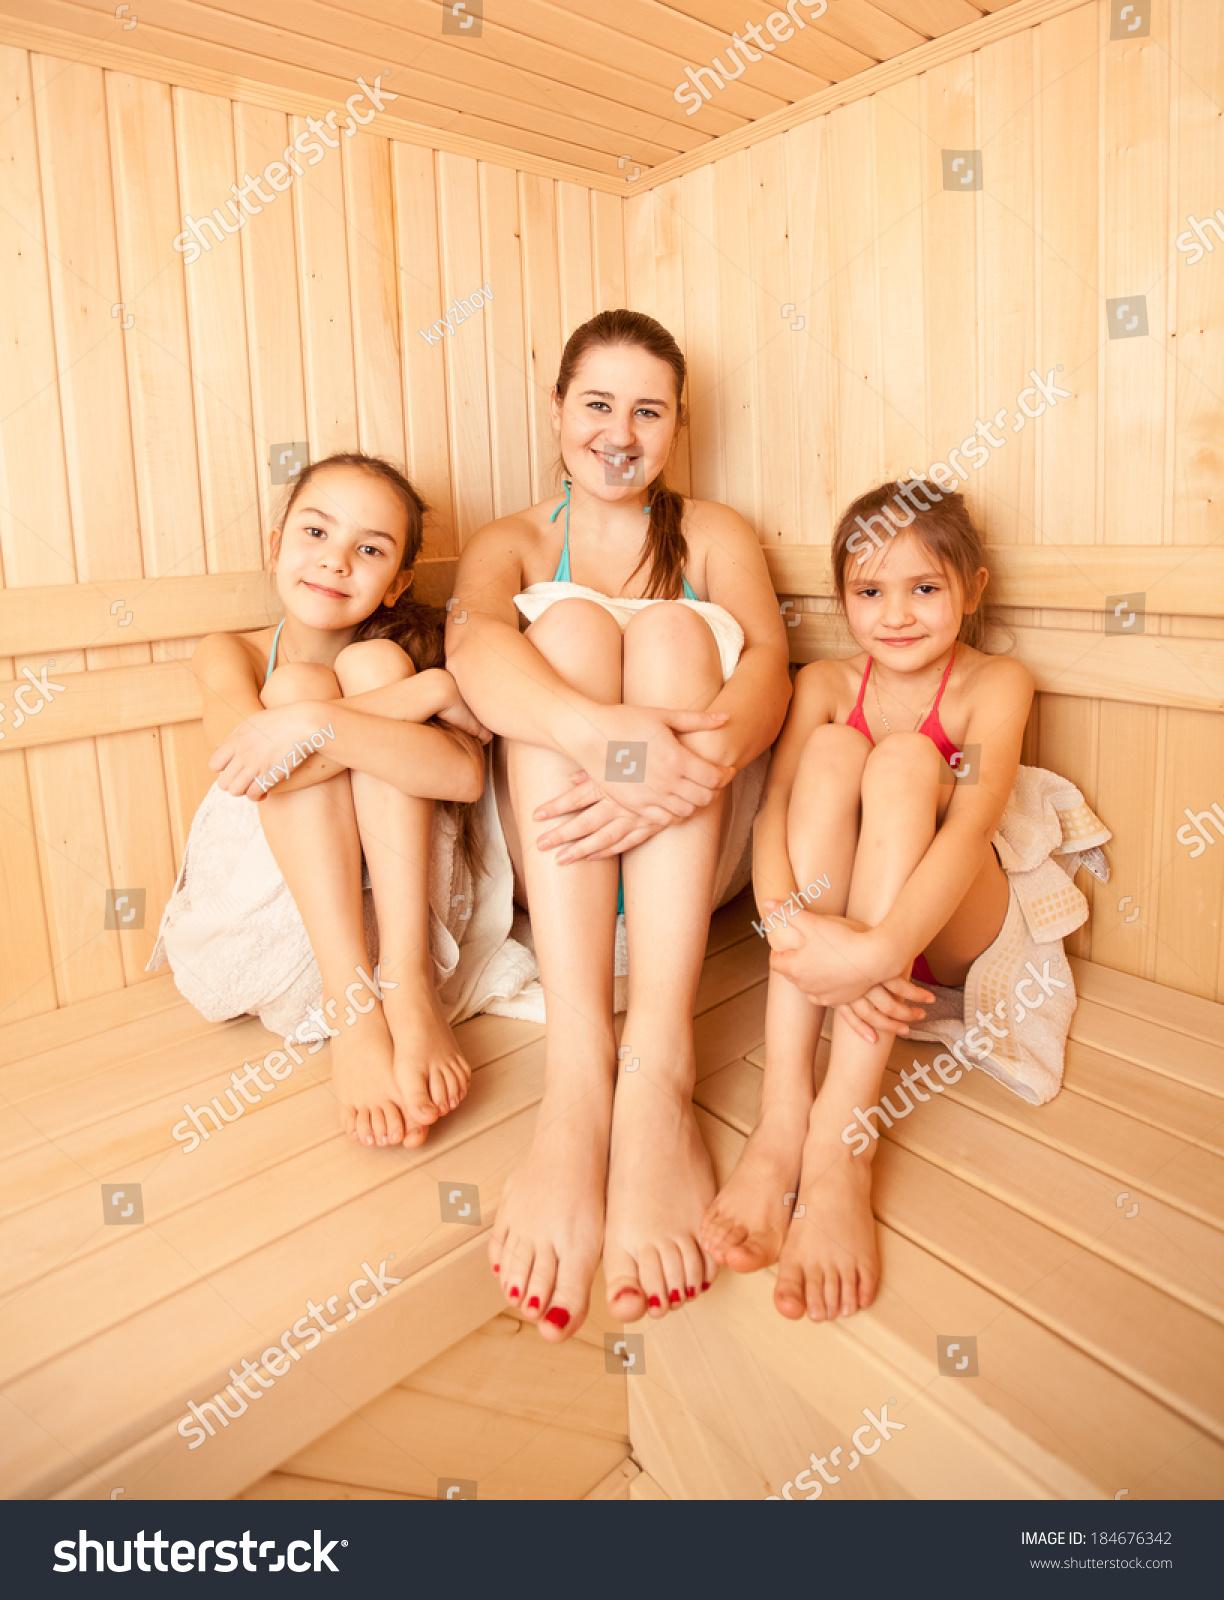 Фото девочек в сауне 27 фотография